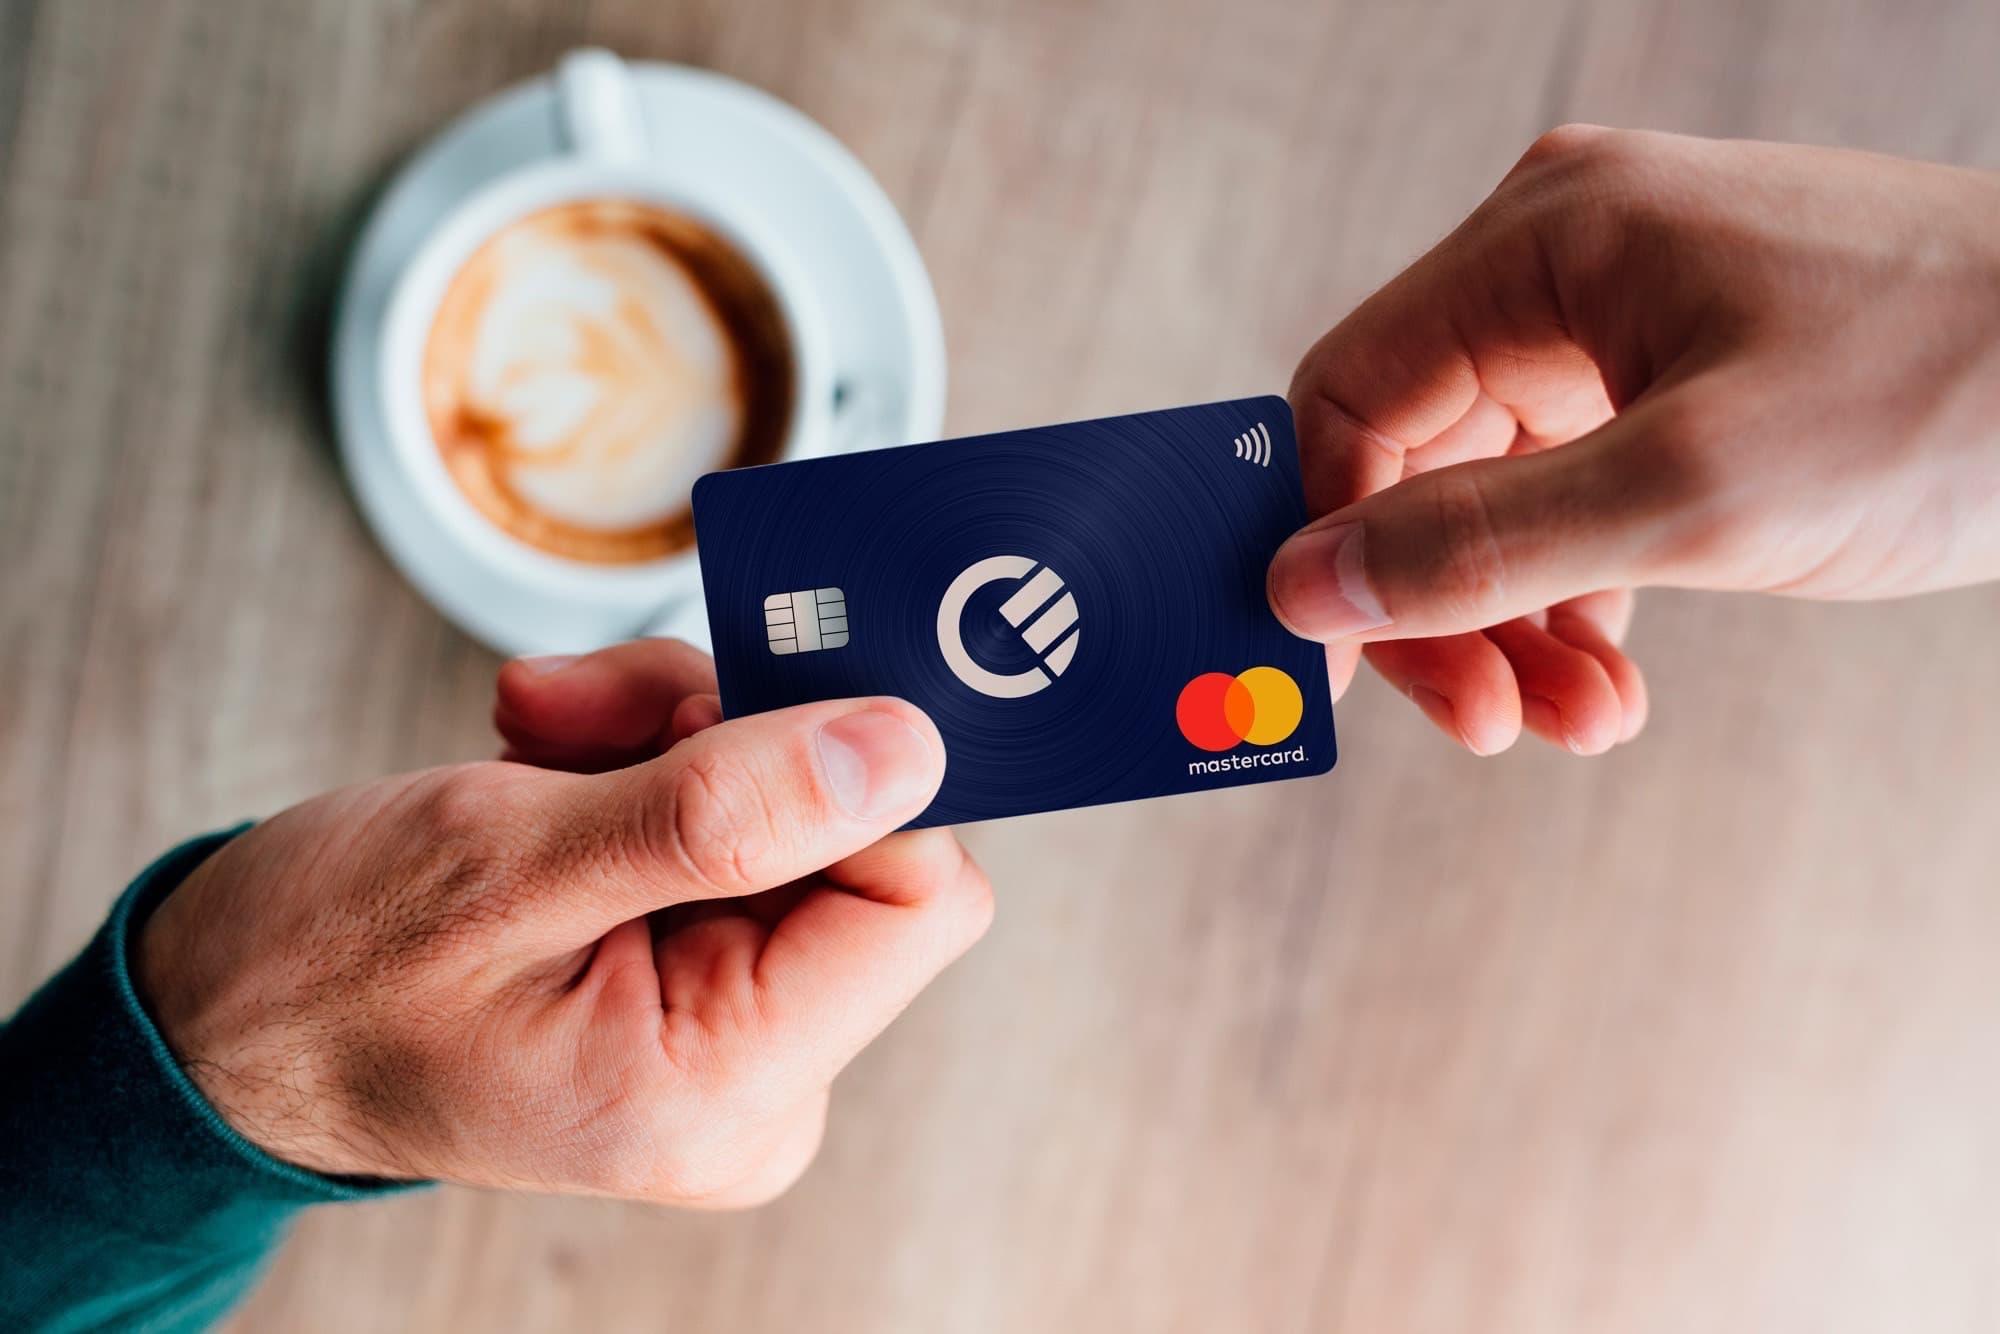 Curve – Une seule carte pour embarquer toutes vos cartes bancaires (et c'est gratuit)